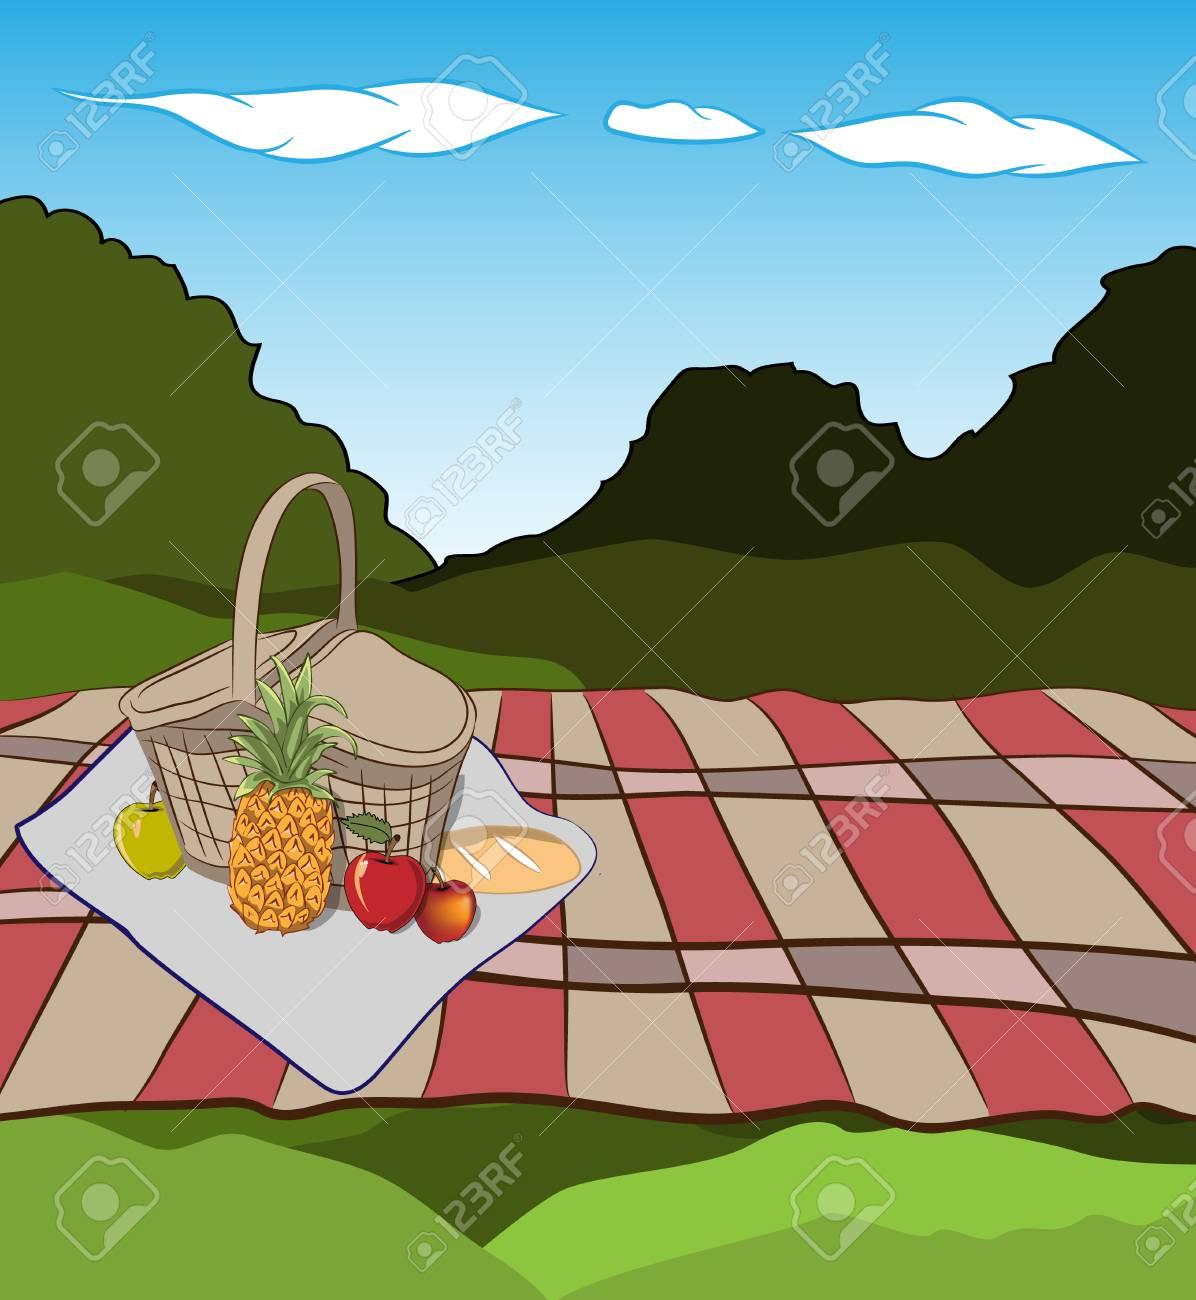 新鮮な草と青空の春の風景のベクター イラストです果物とパン